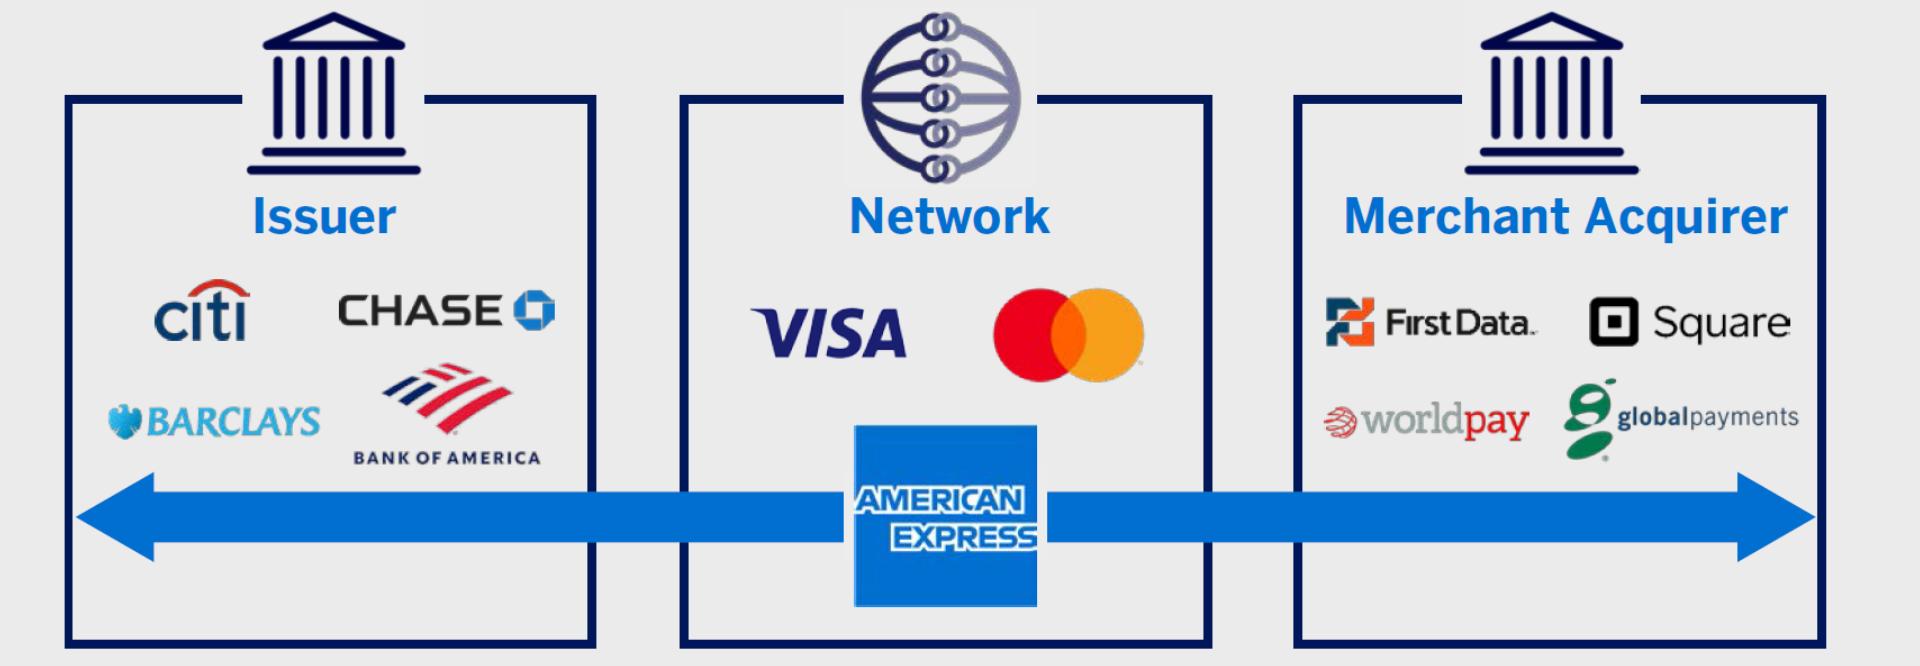 米国のカード決済業界